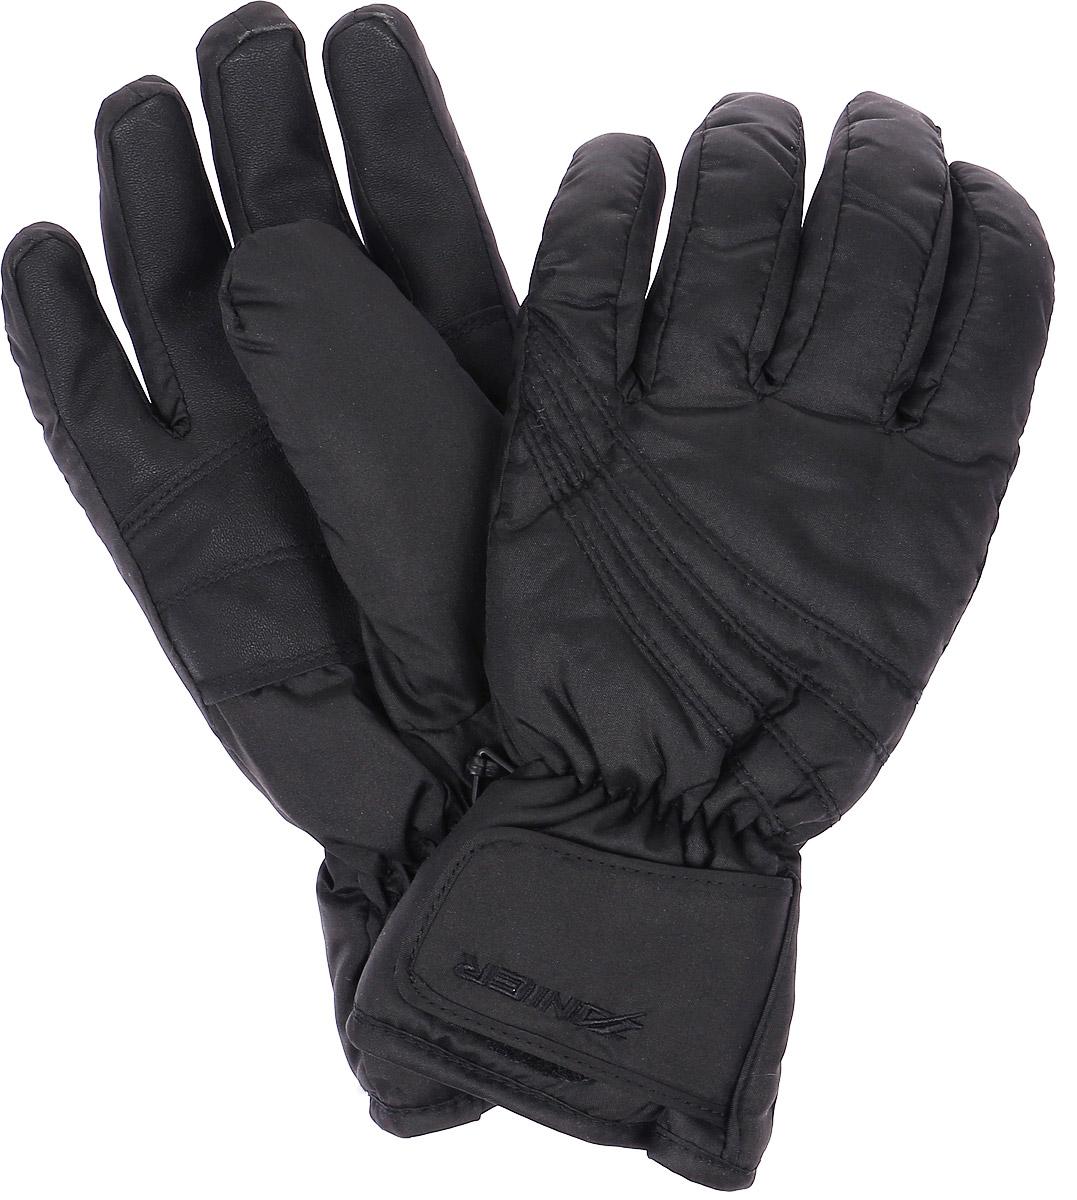 Перчатки30010_20Горнолыжные перчатки мужские CHANGE НЕ Перчатки предназначены для занятий активными видами спорта и для носки в городе в холодную погоду. - Самые коммерческие перчатки - Абсолютный хит продаж на протяжении многих лет. - Анатомический крой - Усиление большого пальца - Резинка по запястью - Регулировка по манжету на липучке - Мембрана обеспечивает защиту от намокания, отведение влаги и сохраняет руки сухими и теплыми во время занятий спортом Австрийская компания ZANIER производит аксессуары для активных видов спорта более 30 лет и на сегодняшний день является лидером продаж на Австрийском рынке и входит в четверку сильнейших производителей Европы. Перчатки ZANIER надежны, разработаны и протестированы в горах профессиональными спортсменами. Компания является официальным поставщиком сборной команды Австрии по сноуборду.